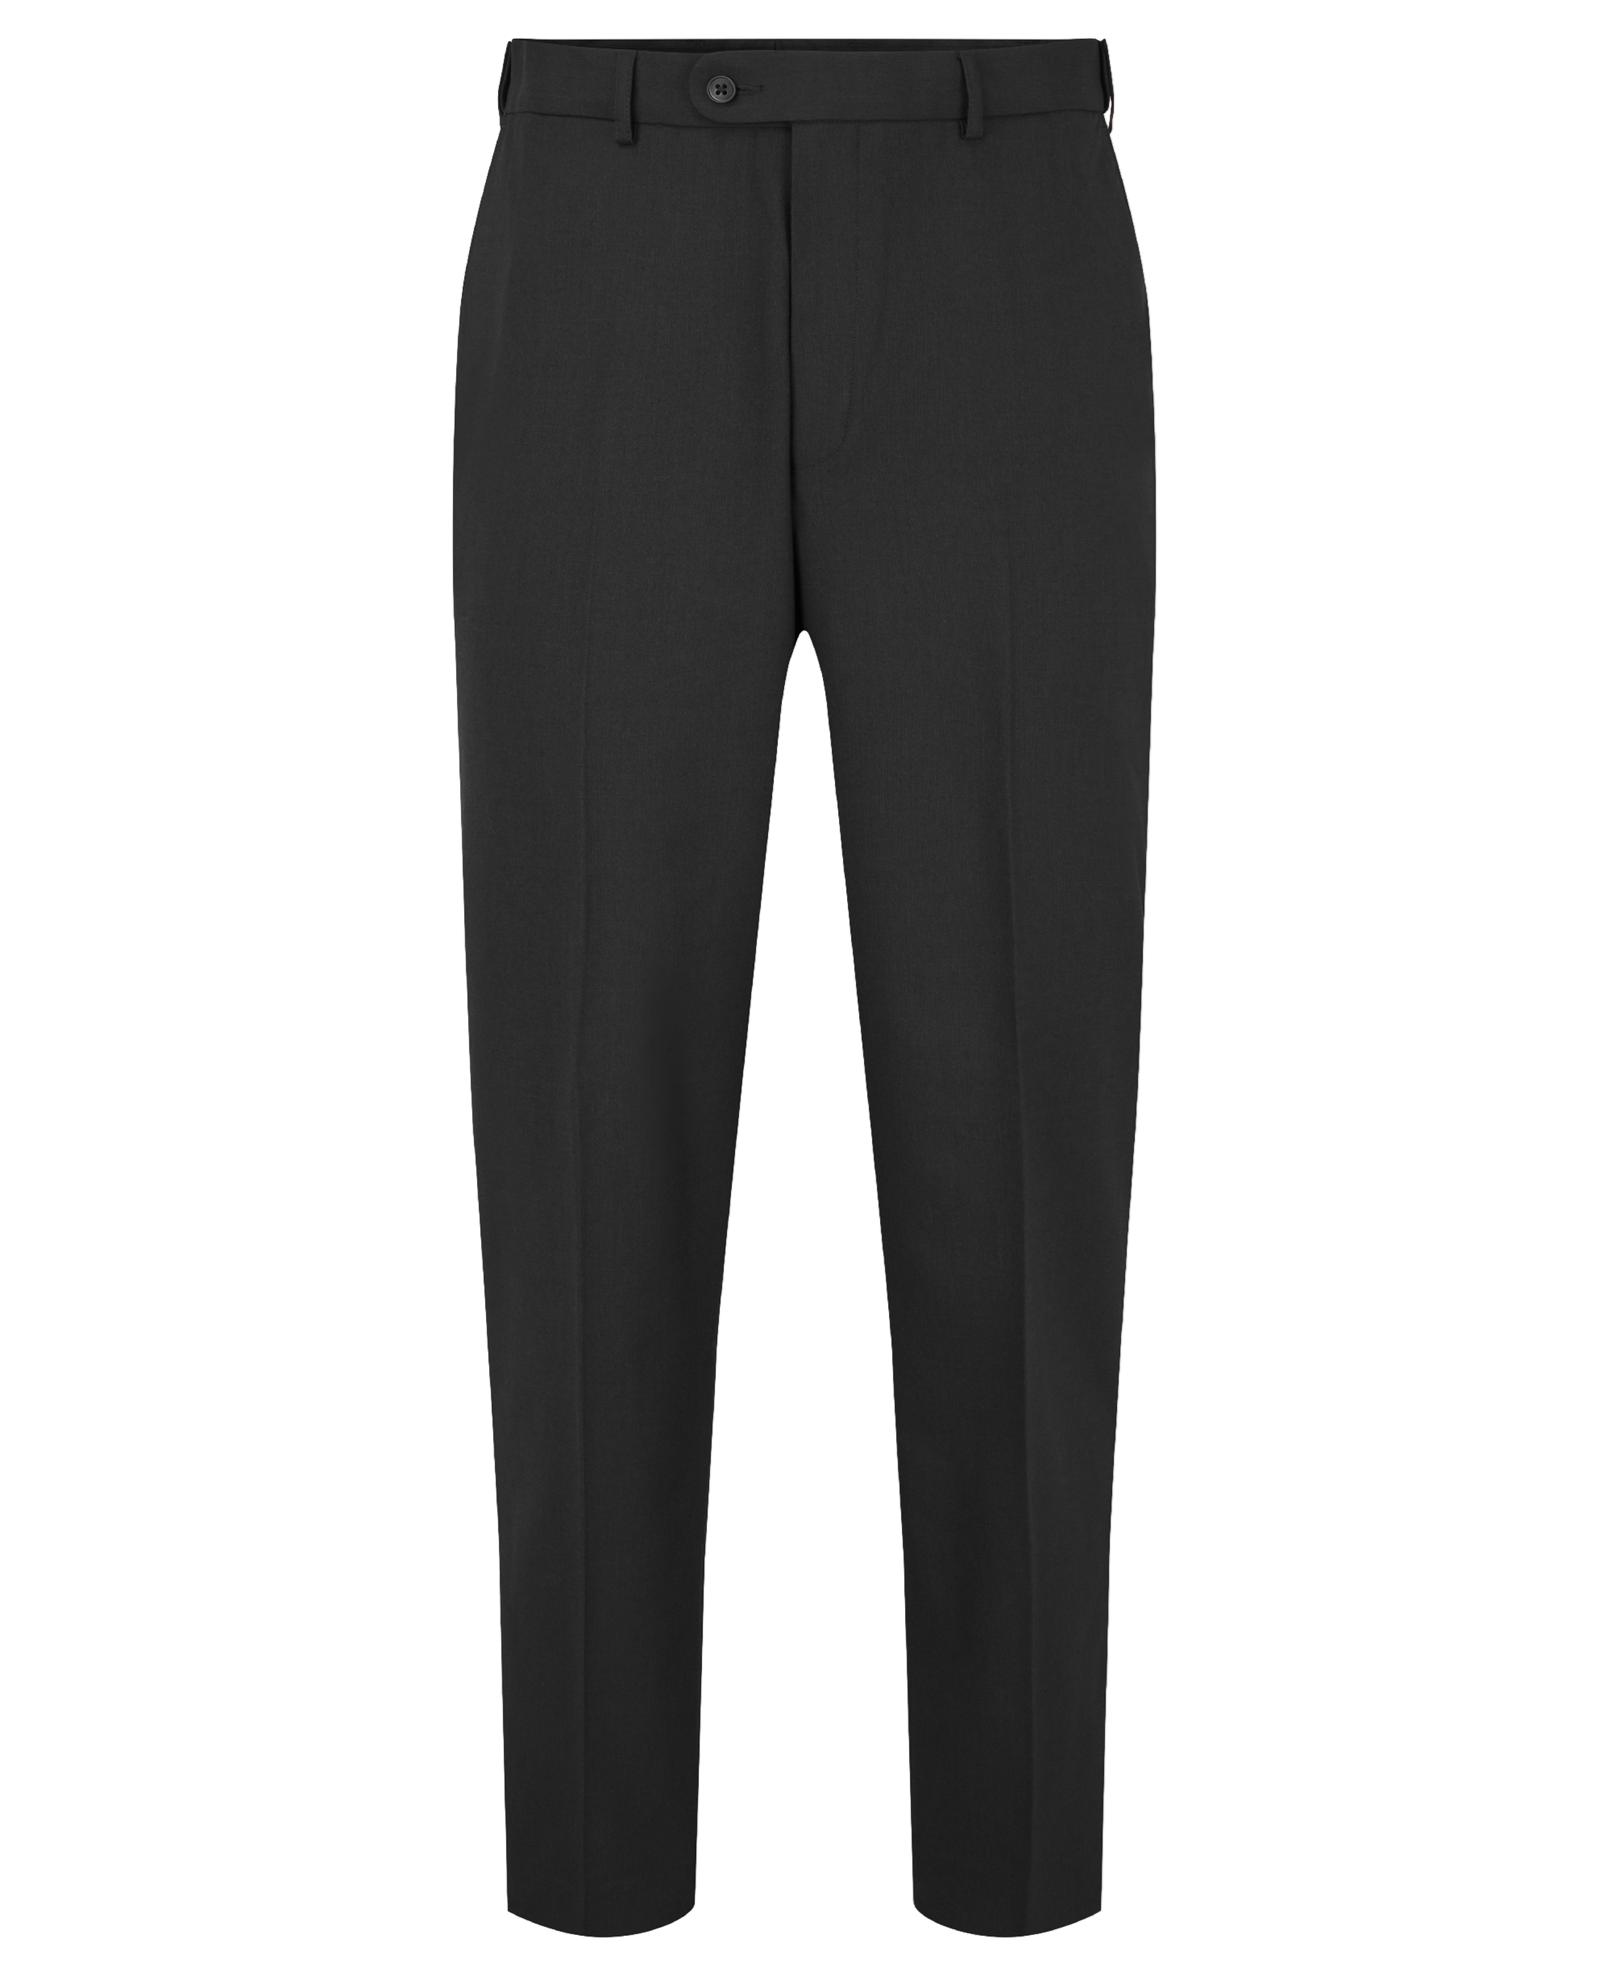 Picture of Putney Plain Men's Front Trouser - Black